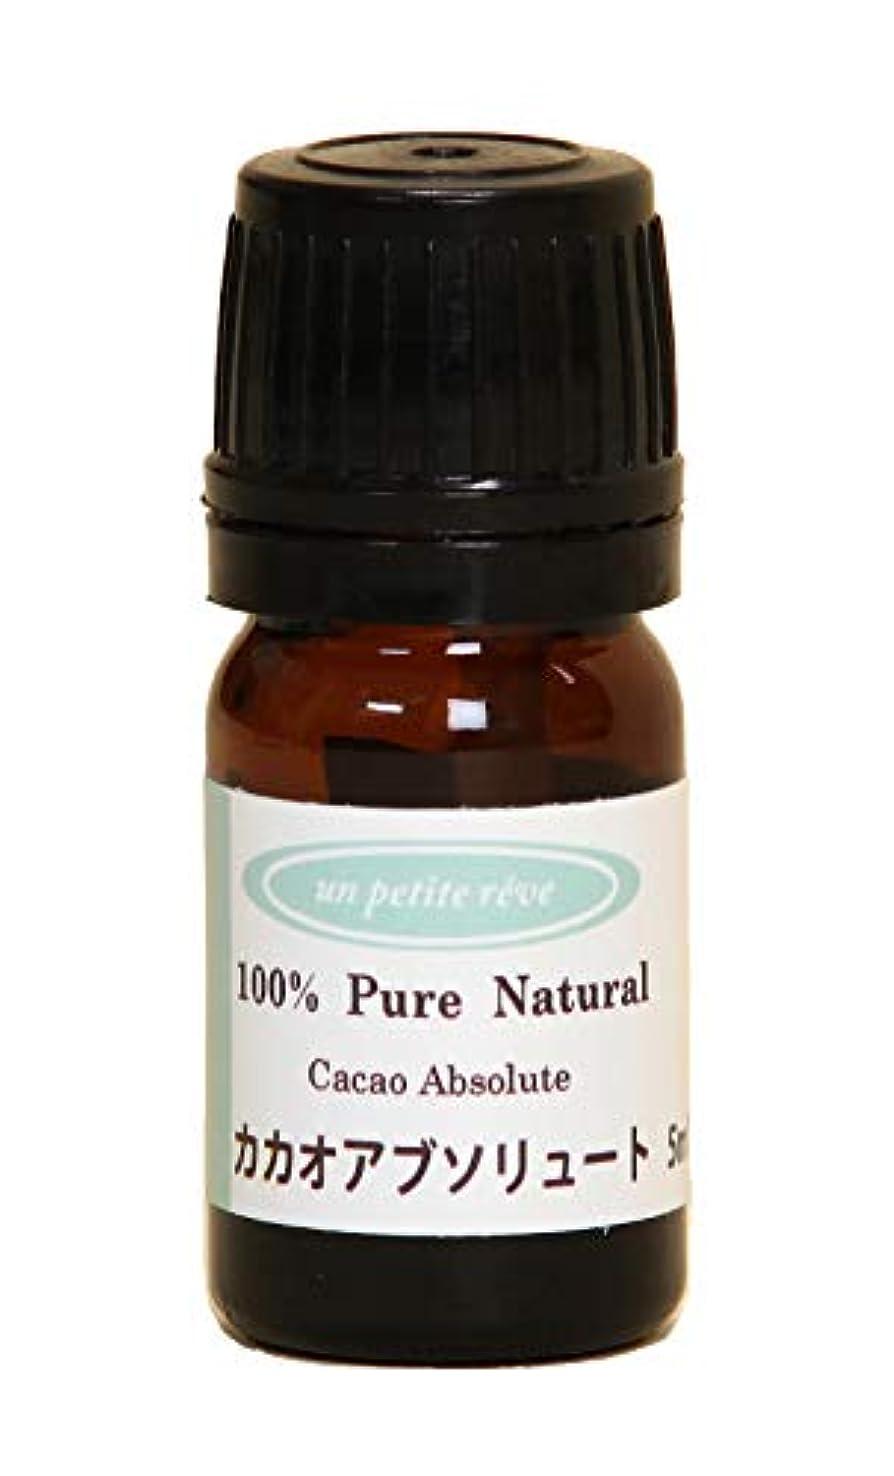 触覚花瓶粘り強いカカオ(ココア) アブソリュート 5ml 100%天然アロマエッセンシャルオイル(精油)